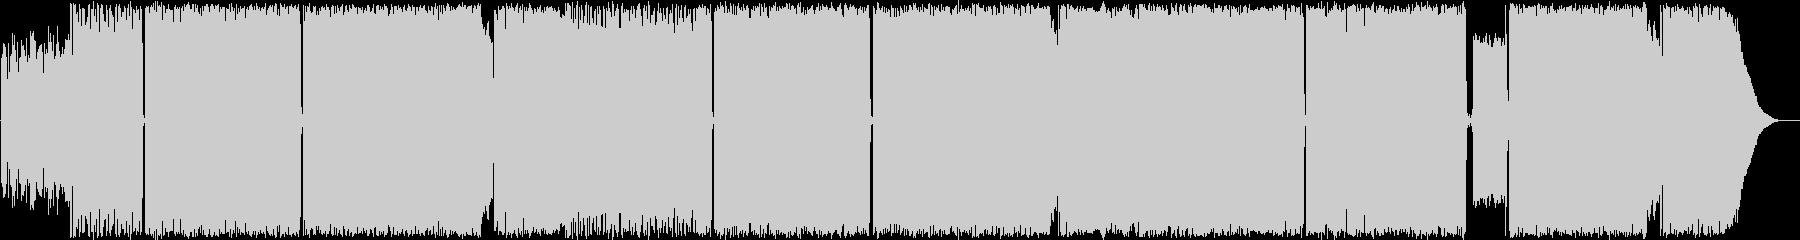 【哀愁キャッチーロキノンRock】生演奏の未再生の波形